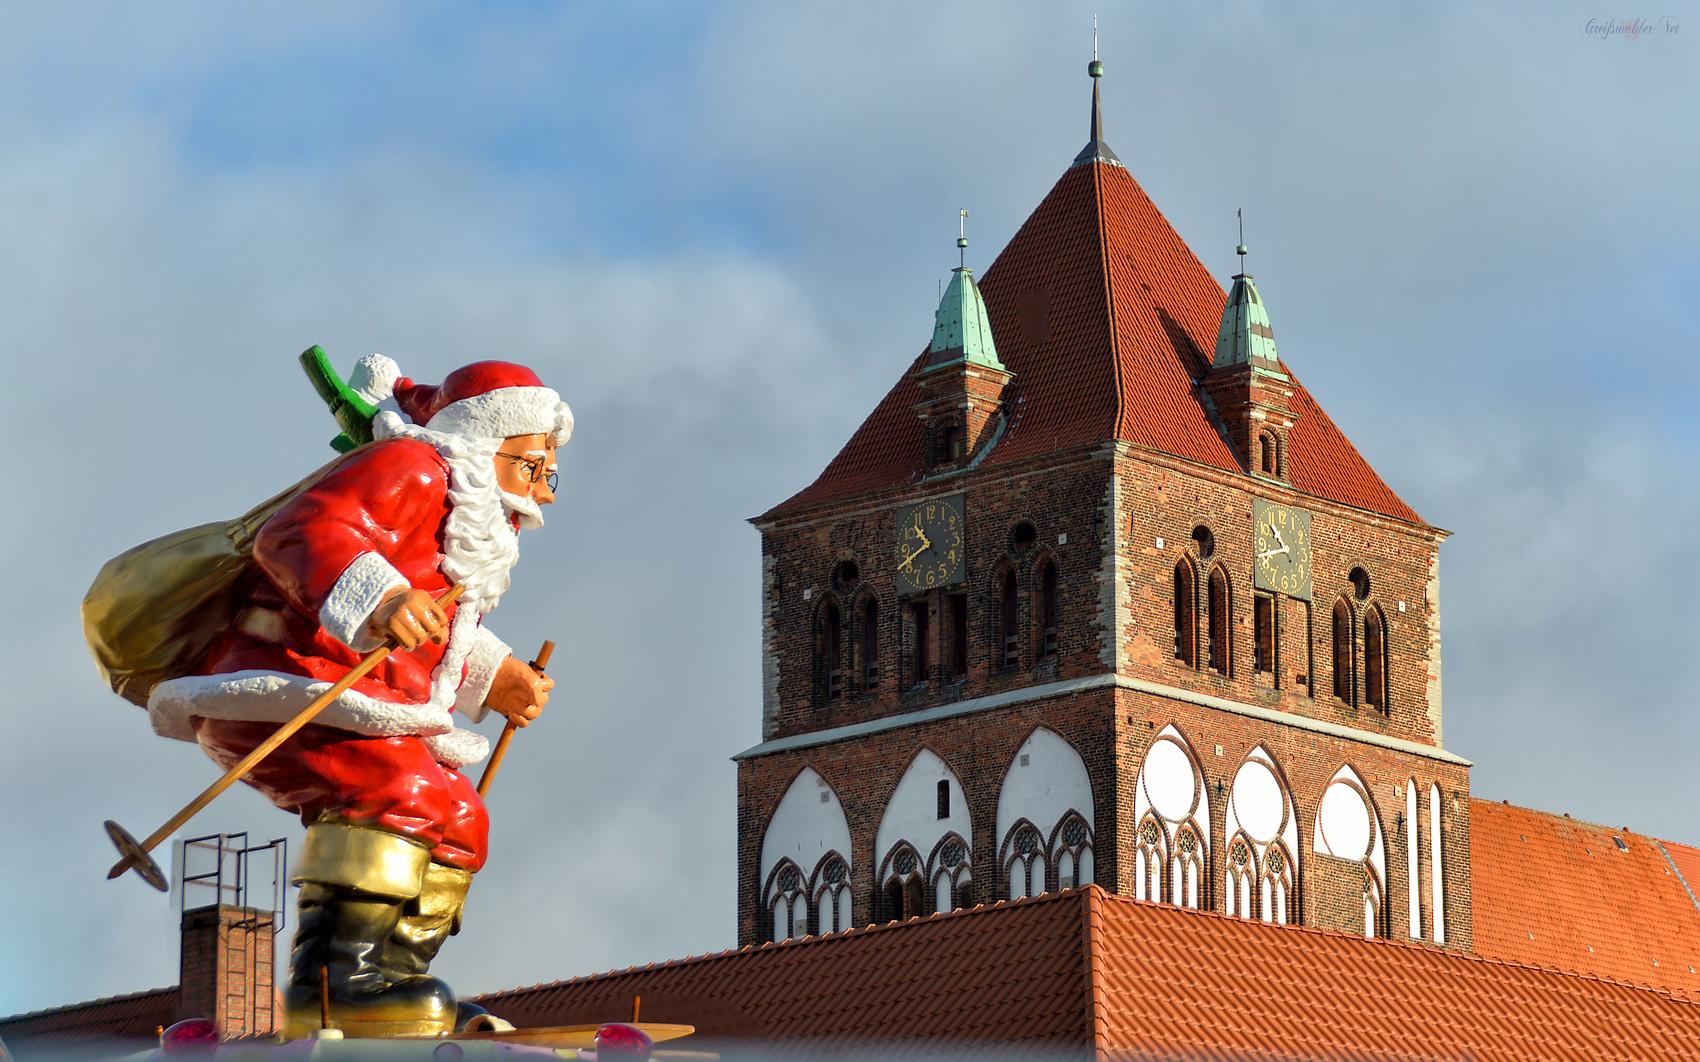 Endspurt - Morgen wird der Weihnachtsmarkt in Greifswald eröffnet.